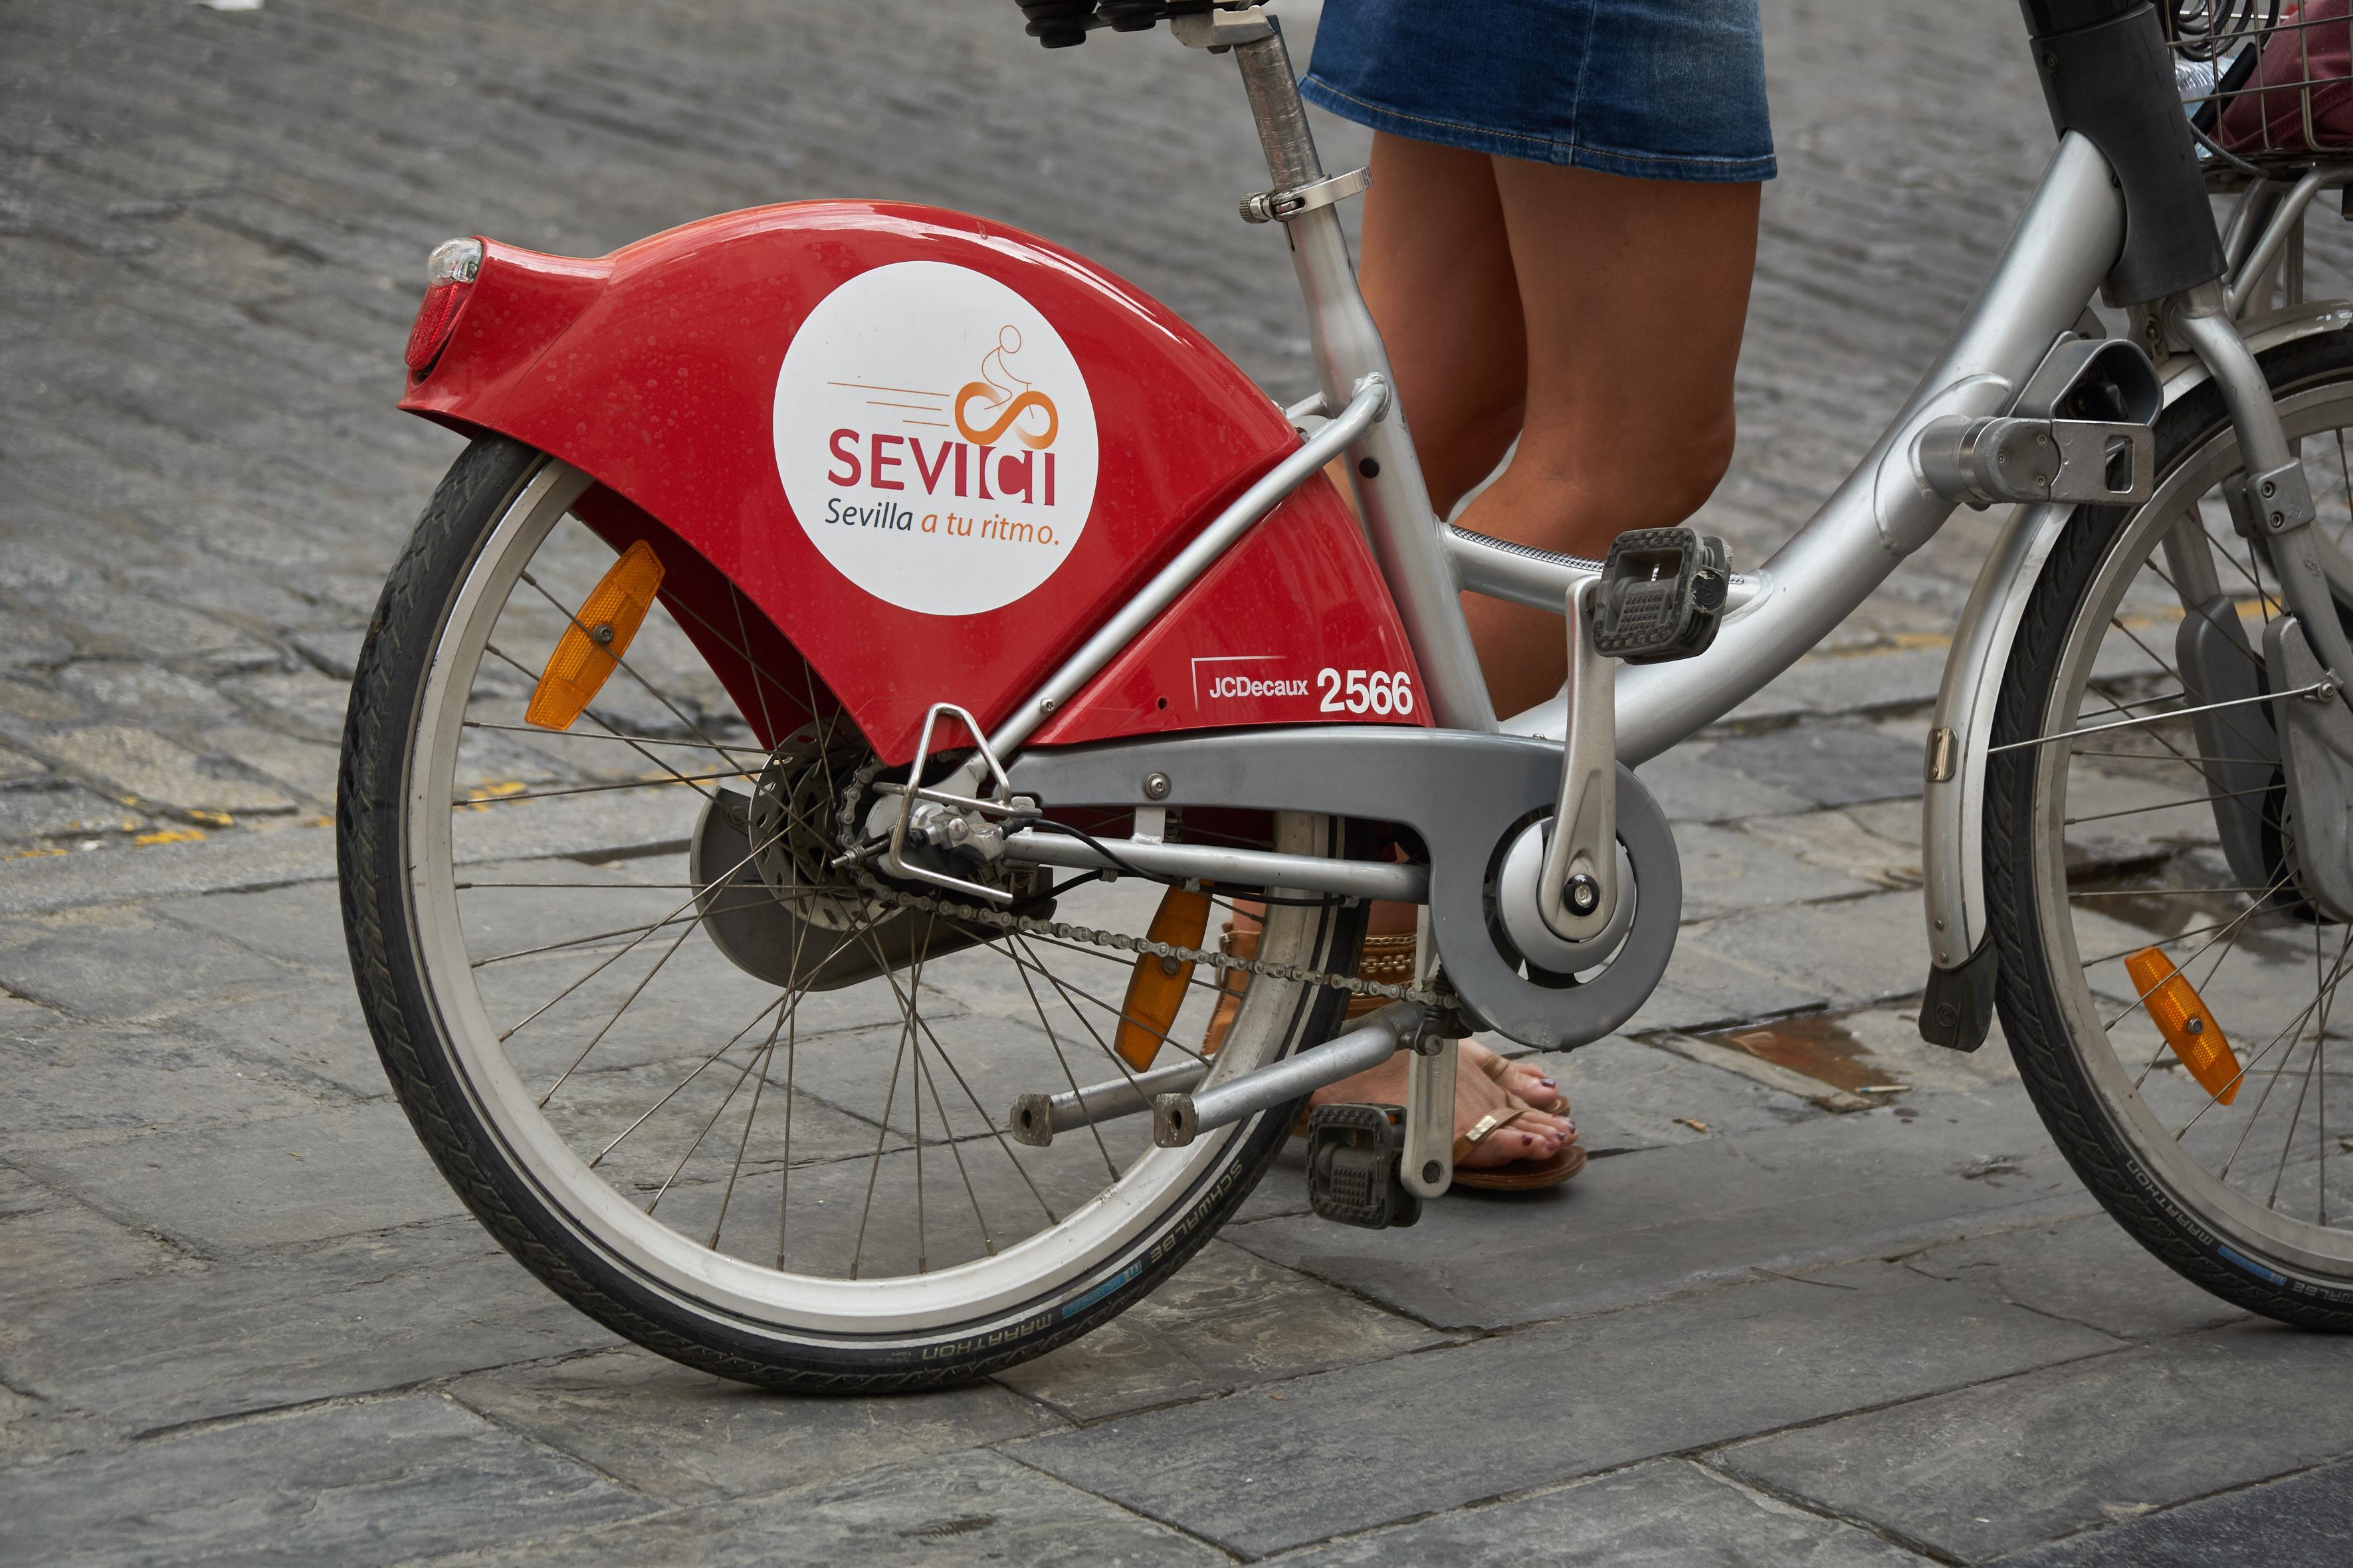 Sevici in Sevillia